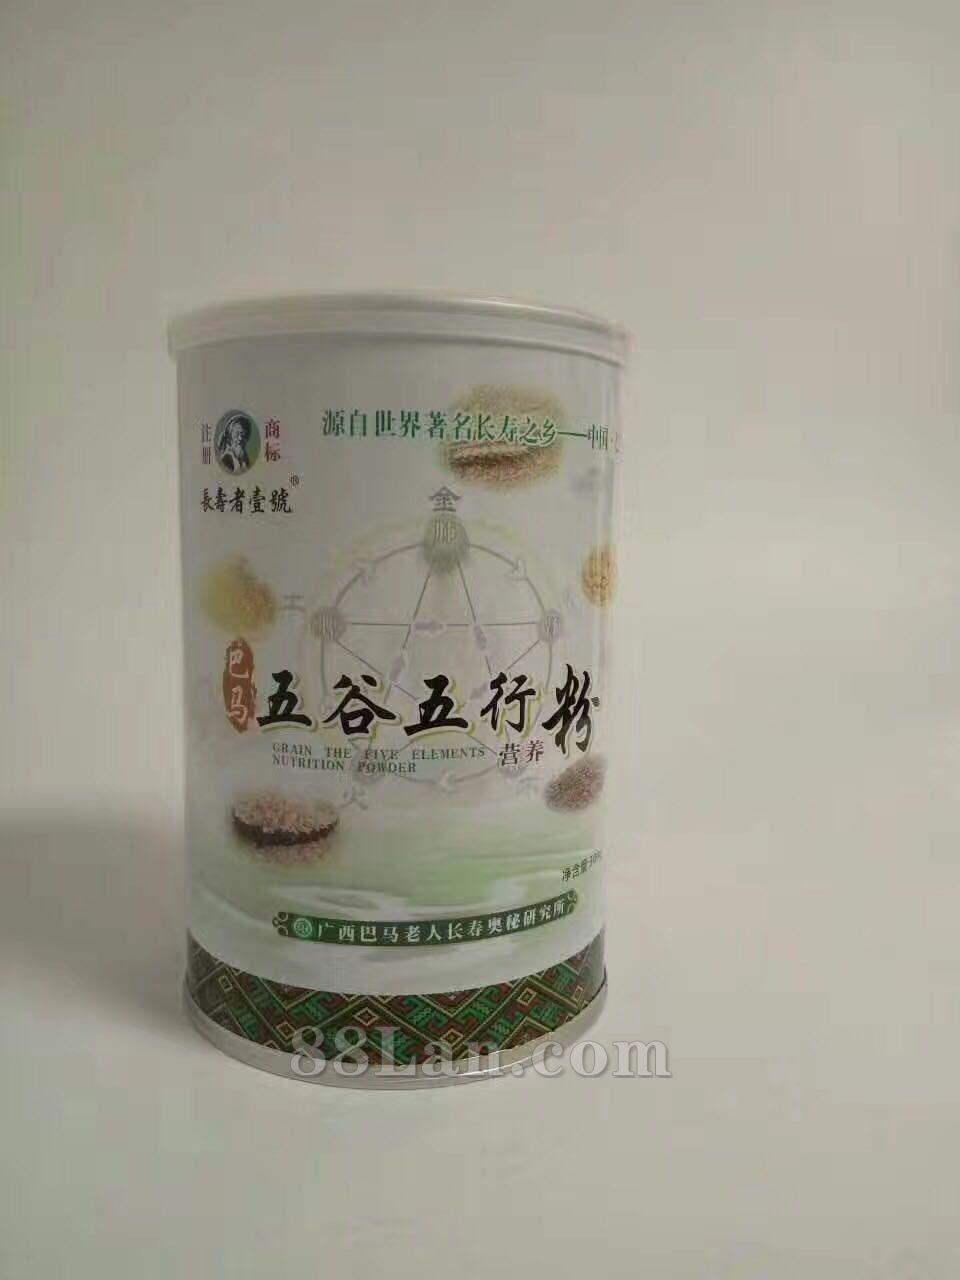 巴马五谷五行营养粉300g 素食五谷杂粮餐大豆粉厂家会销评点礼品